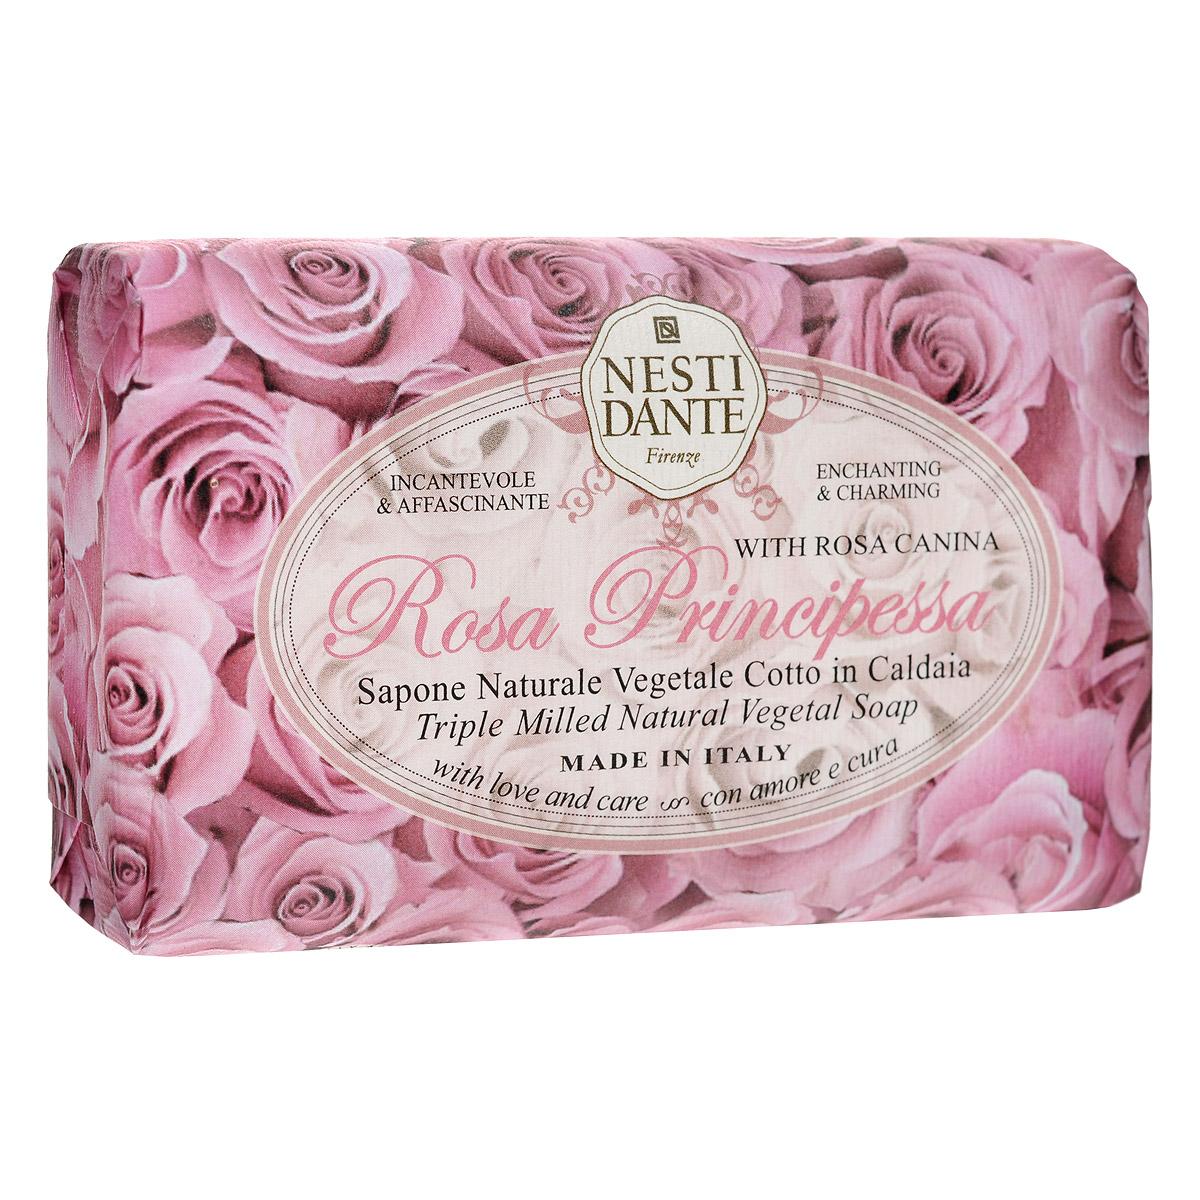 Nesti Dante Мыло Rose Principessa, 150 г1324106Мыло Nesti Dante Rose Principessa - нежное растительное мыло с мягким и романтичным ароматом розовых лепестков. Характеристики:Вес: 150 г. Артикул: 1324106. Производитель: Италия. Товар сертифицирован.